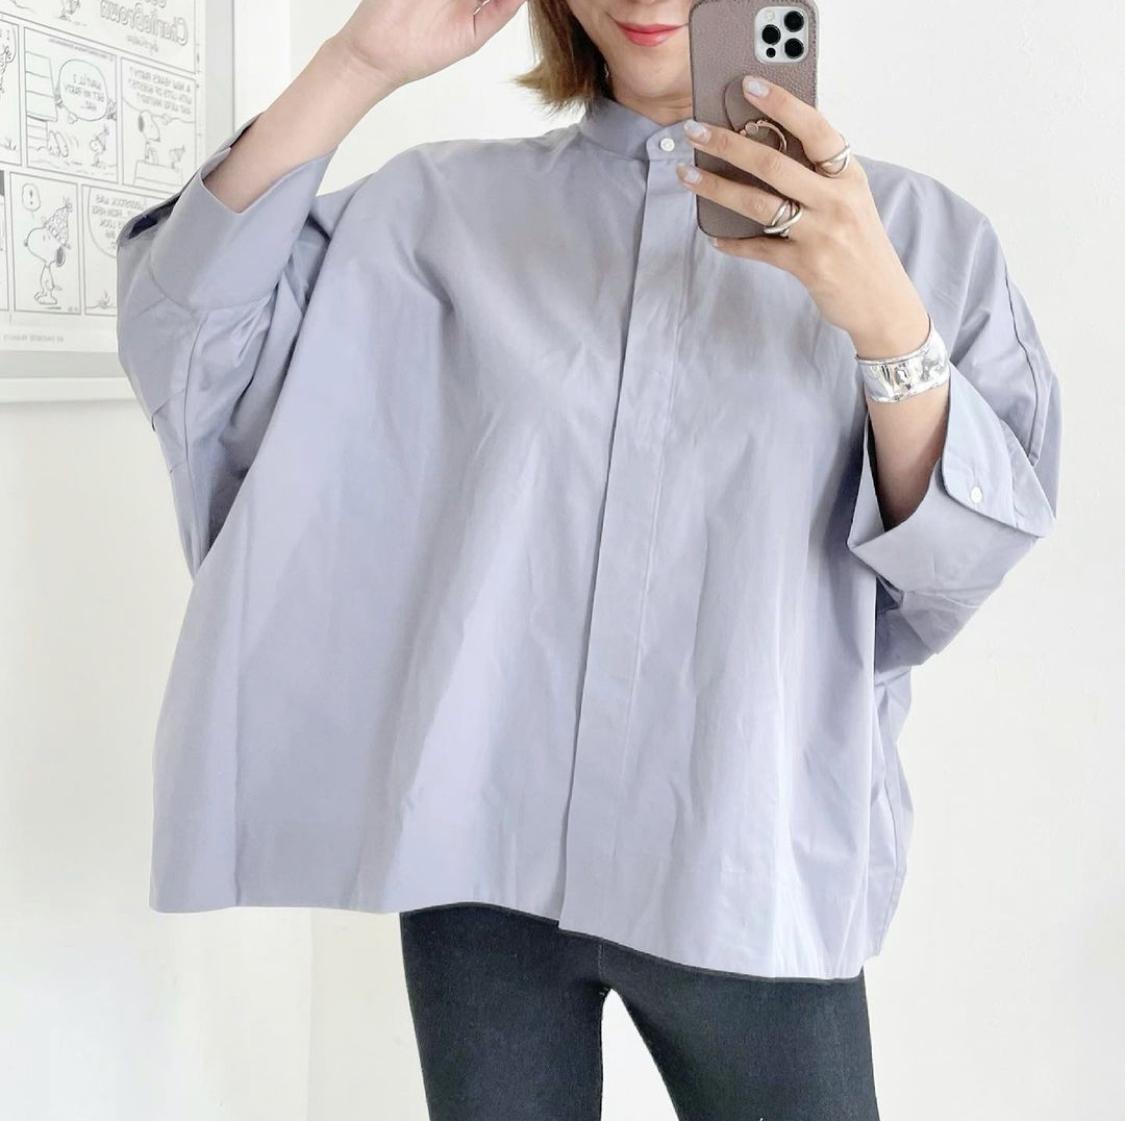 スーピマコットンドルマンスリーブシャツ(7分袖